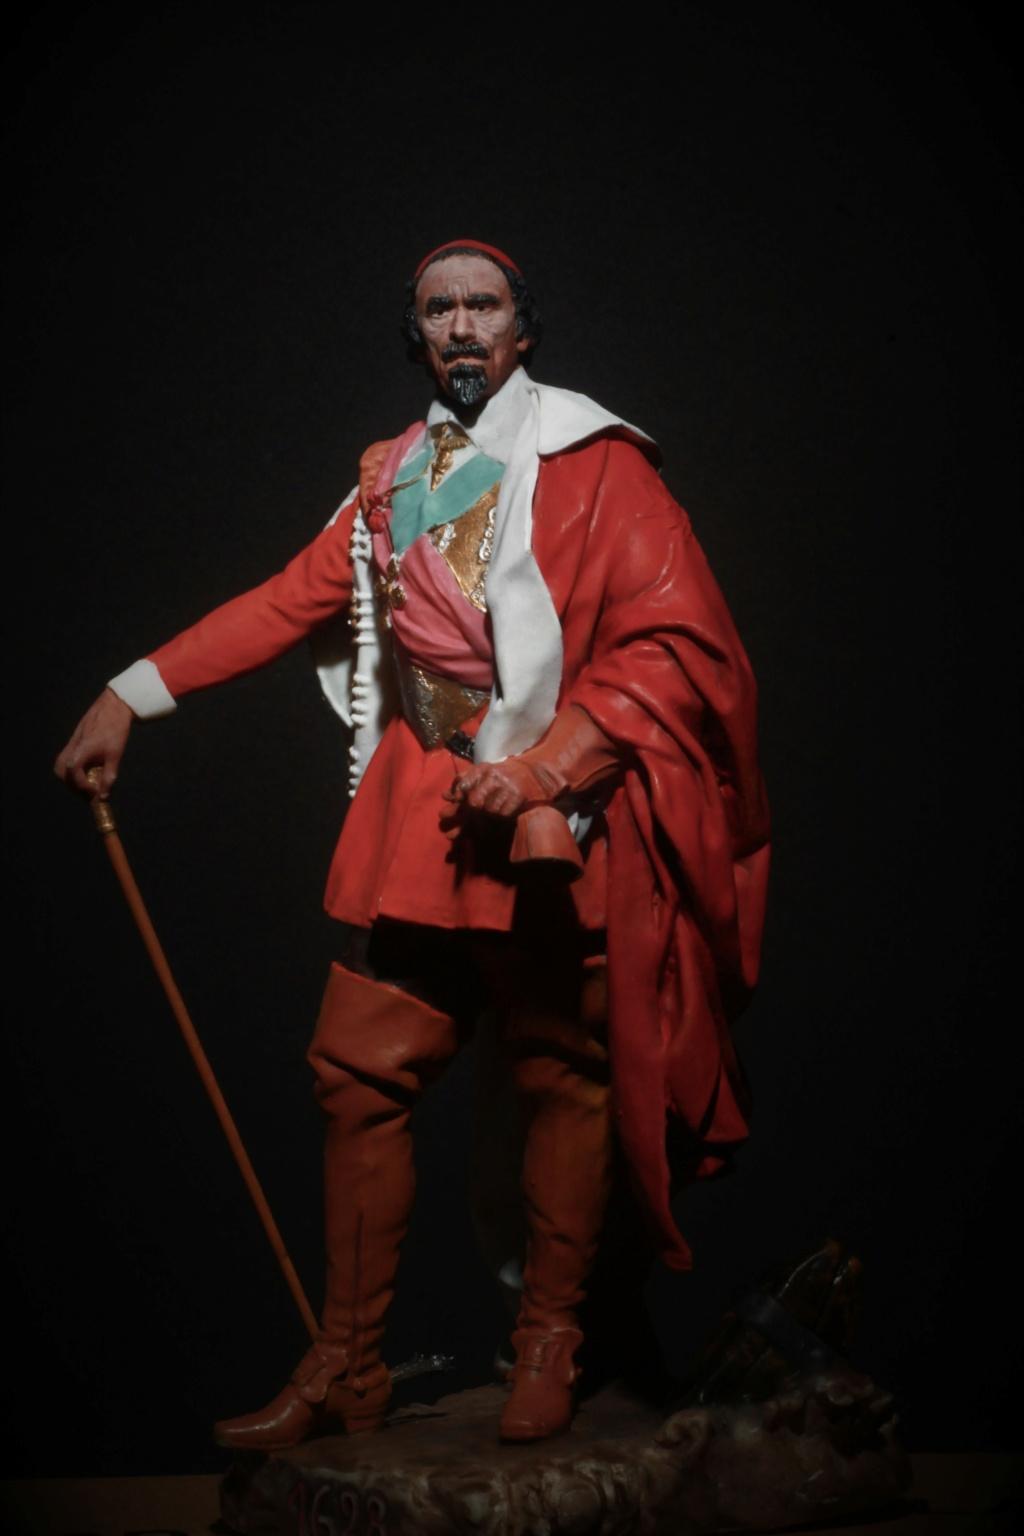 Armand Jean du Plessis Duc de Richelieu échelle libre Résine 3D ( 12cm ) Terminé - Page 2 Img_9210